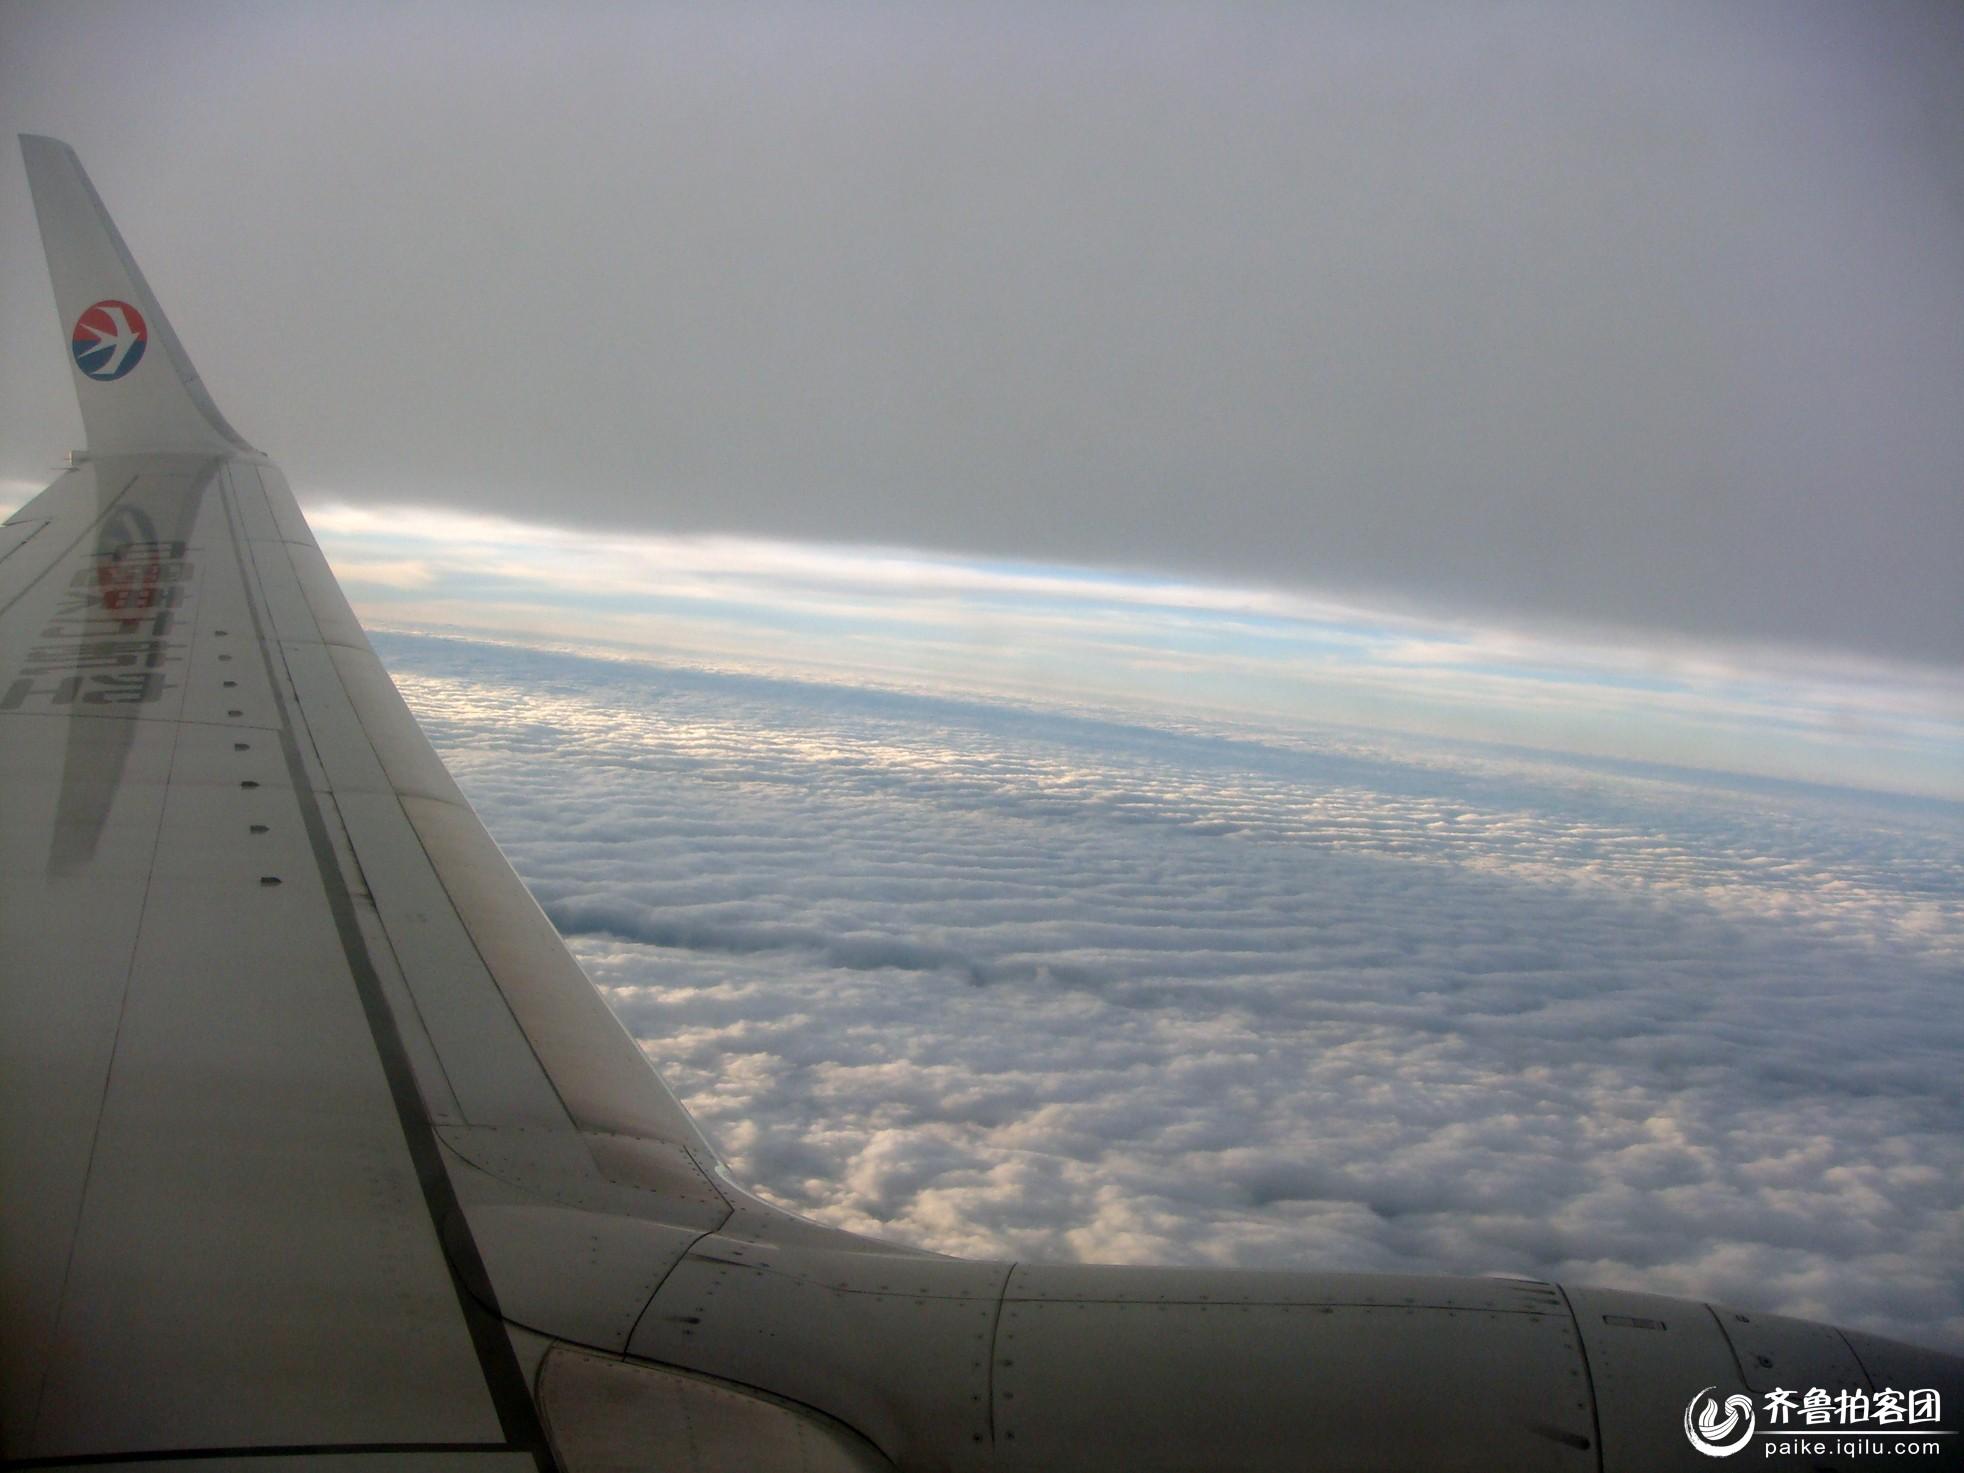 飞机上看云 - 菏泽拍客